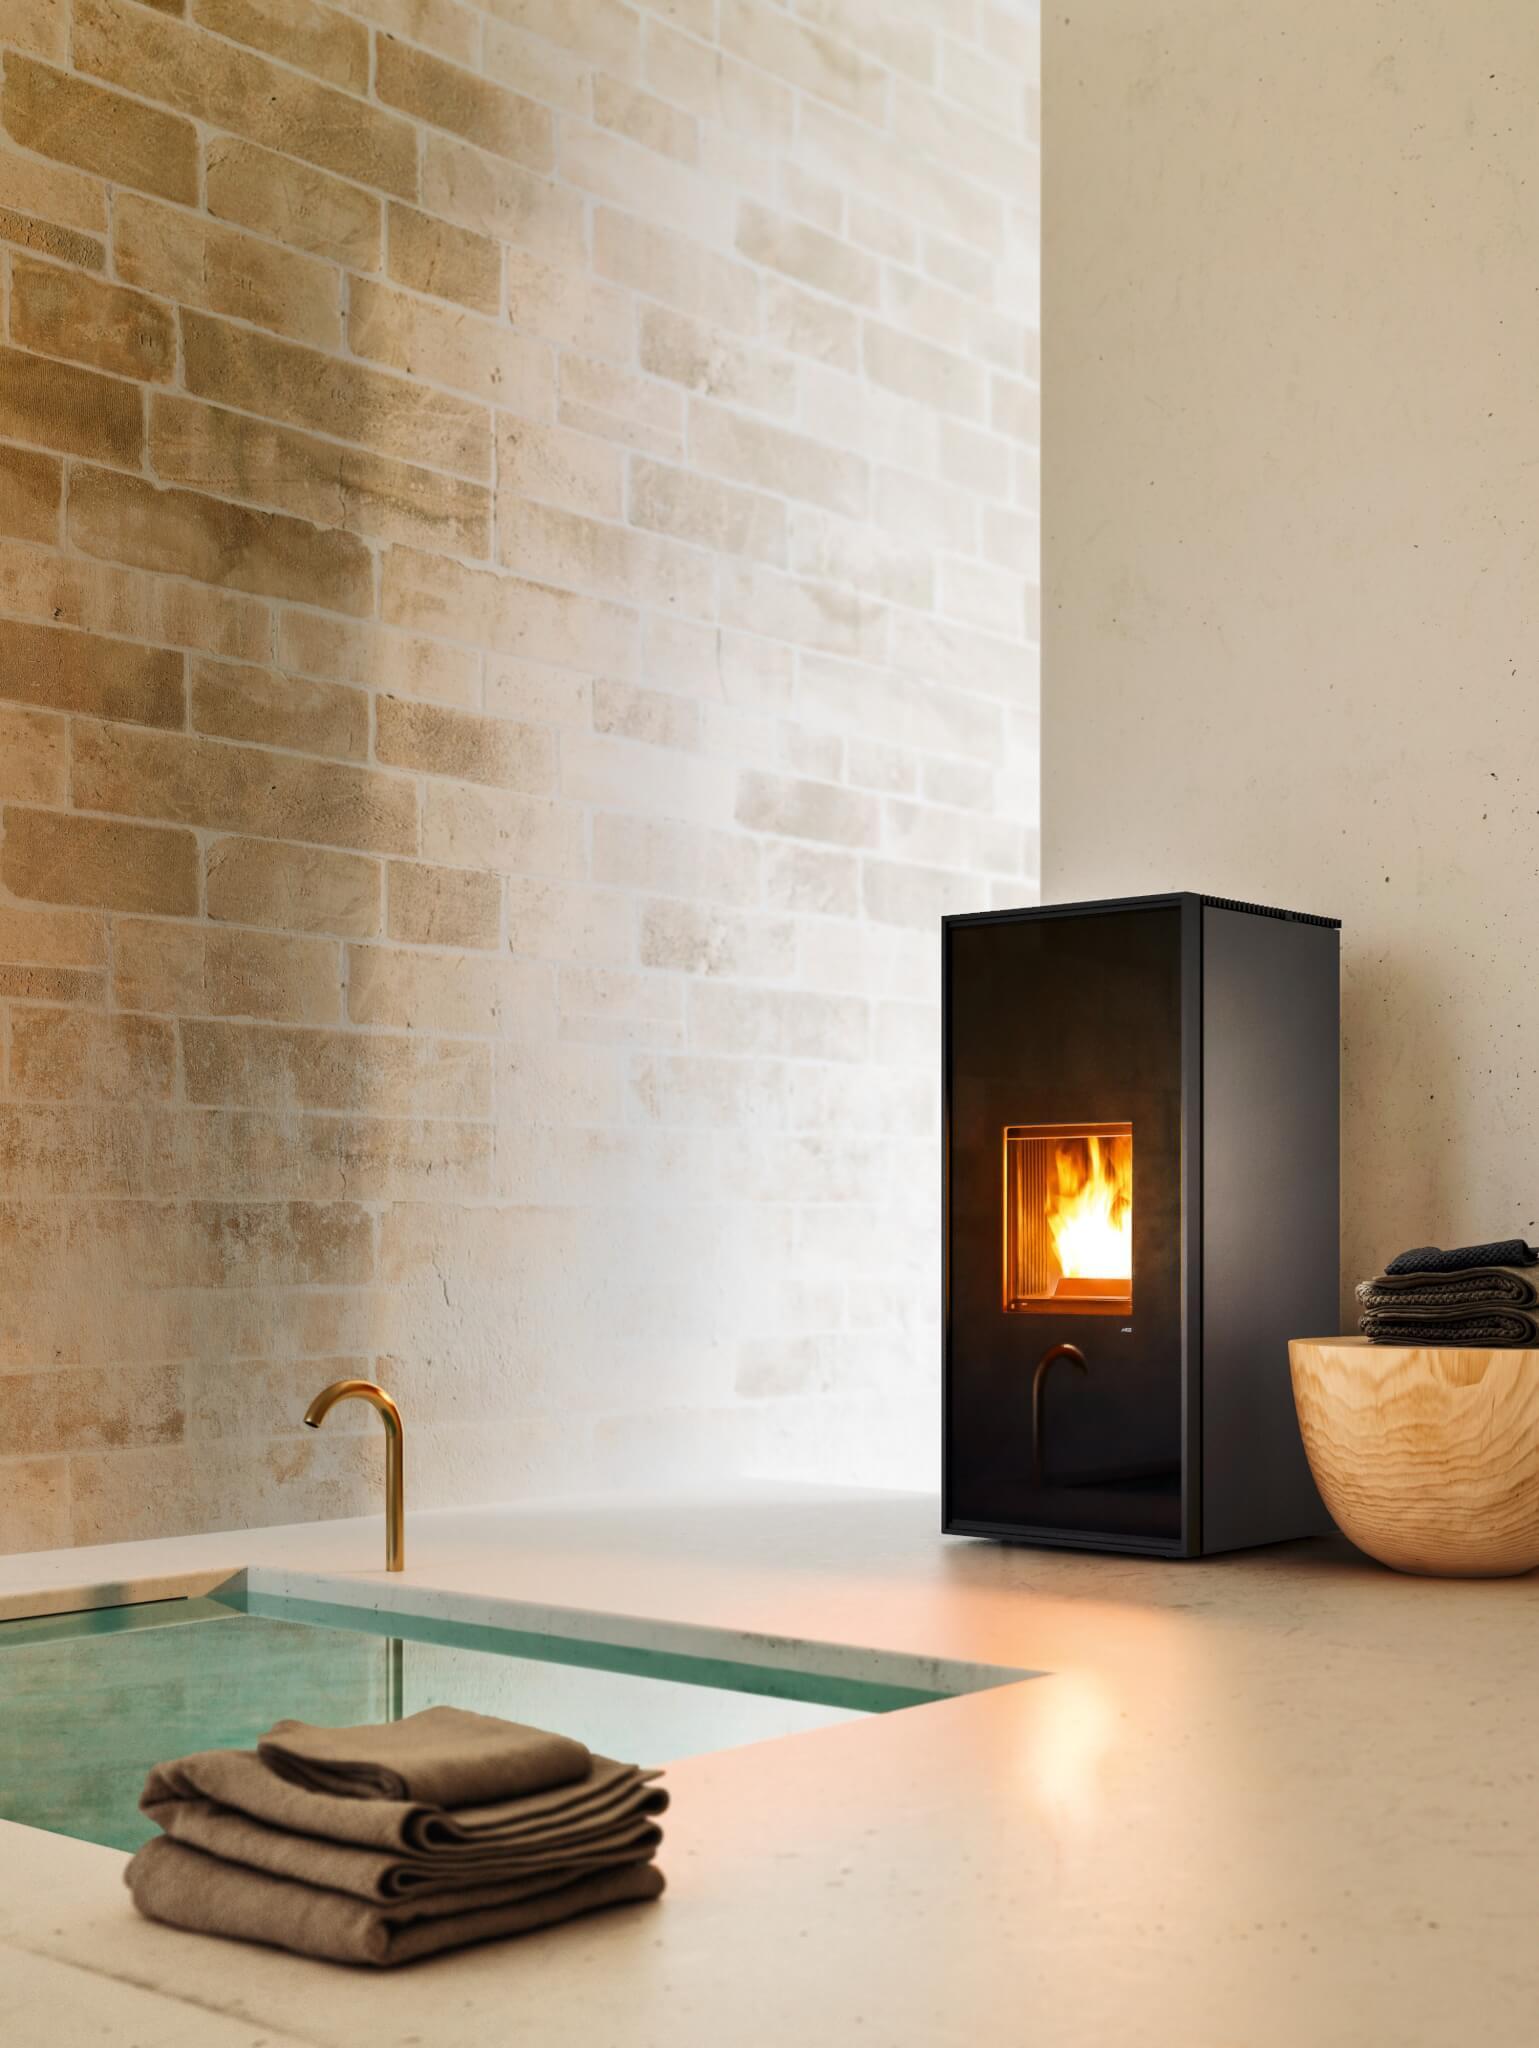 mcz pelletkachel decoratiedeur zwart glas strak modern